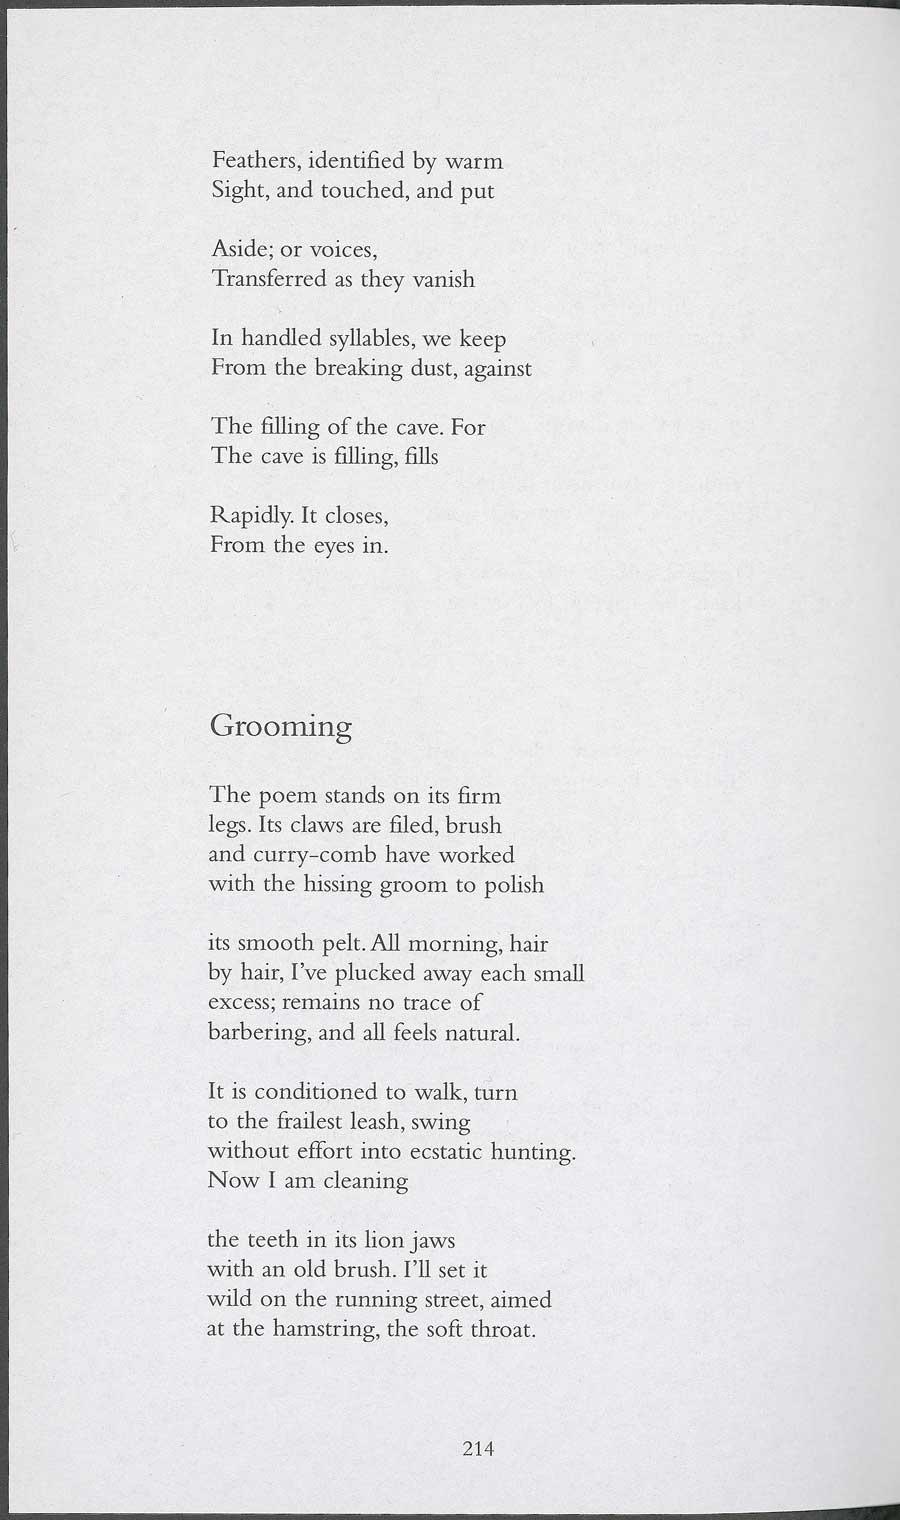 leslie norris poem